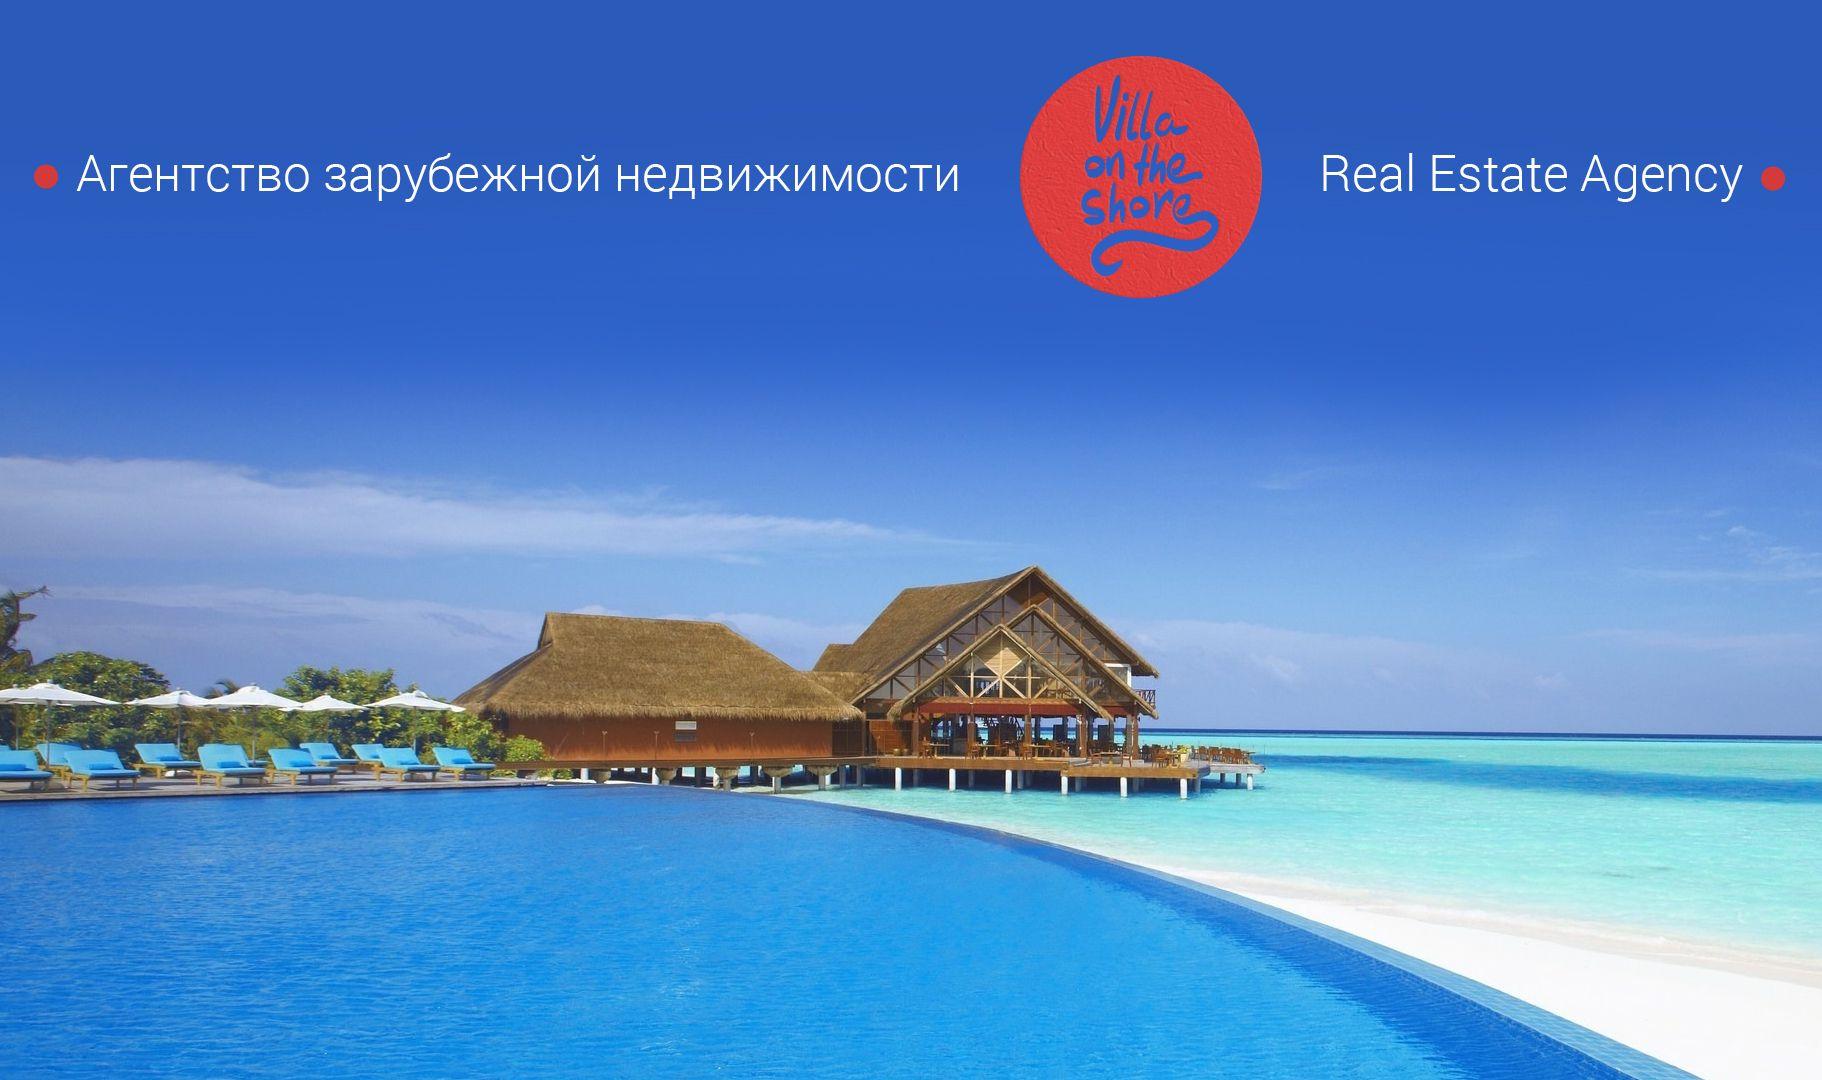 Фирстиль для агентства зарубежной недвижимости - дизайнер LavrentevVA